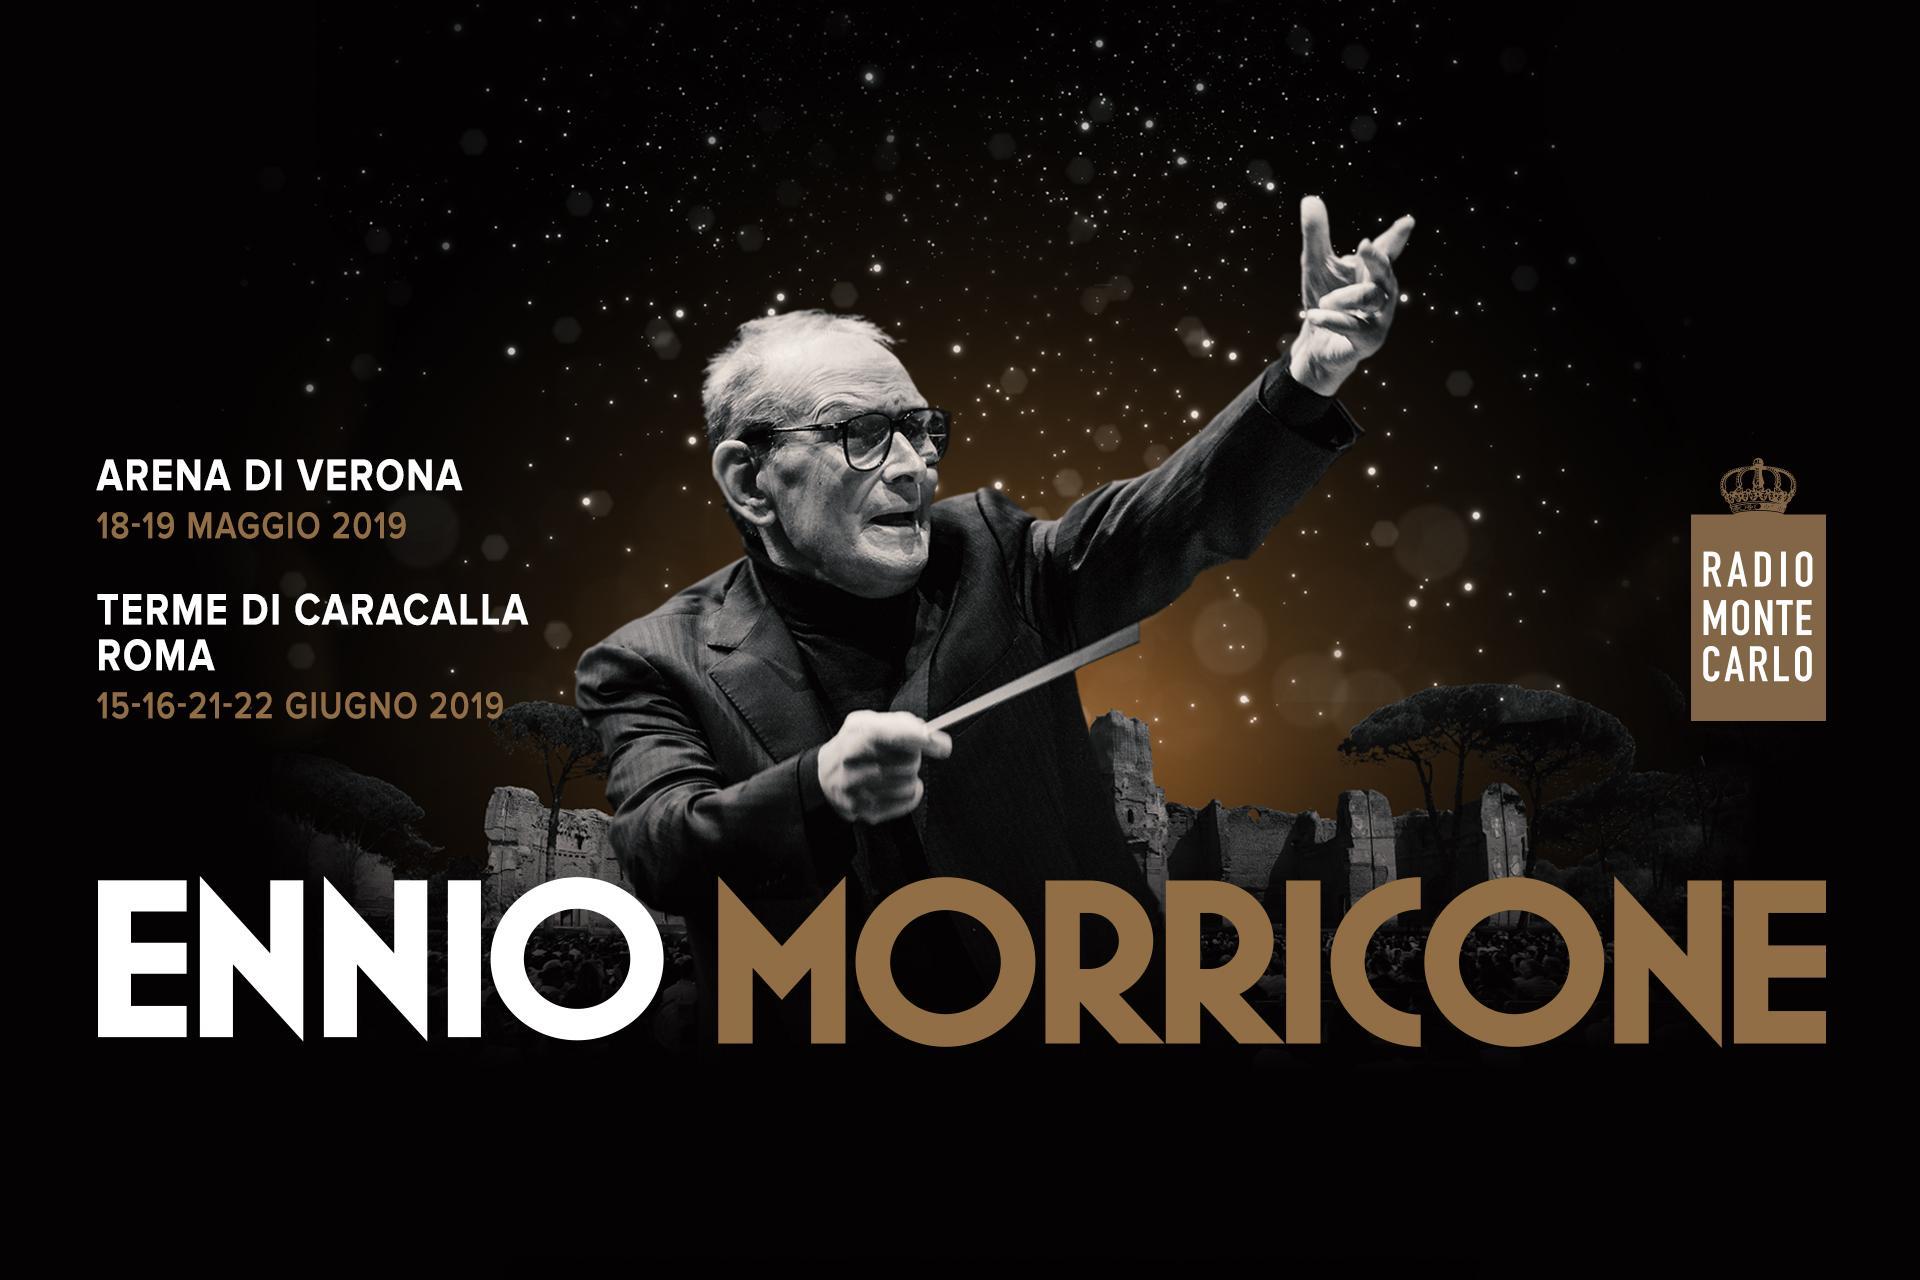 2 imperdibili serate di Ennio Morricone all'Arena di Verona